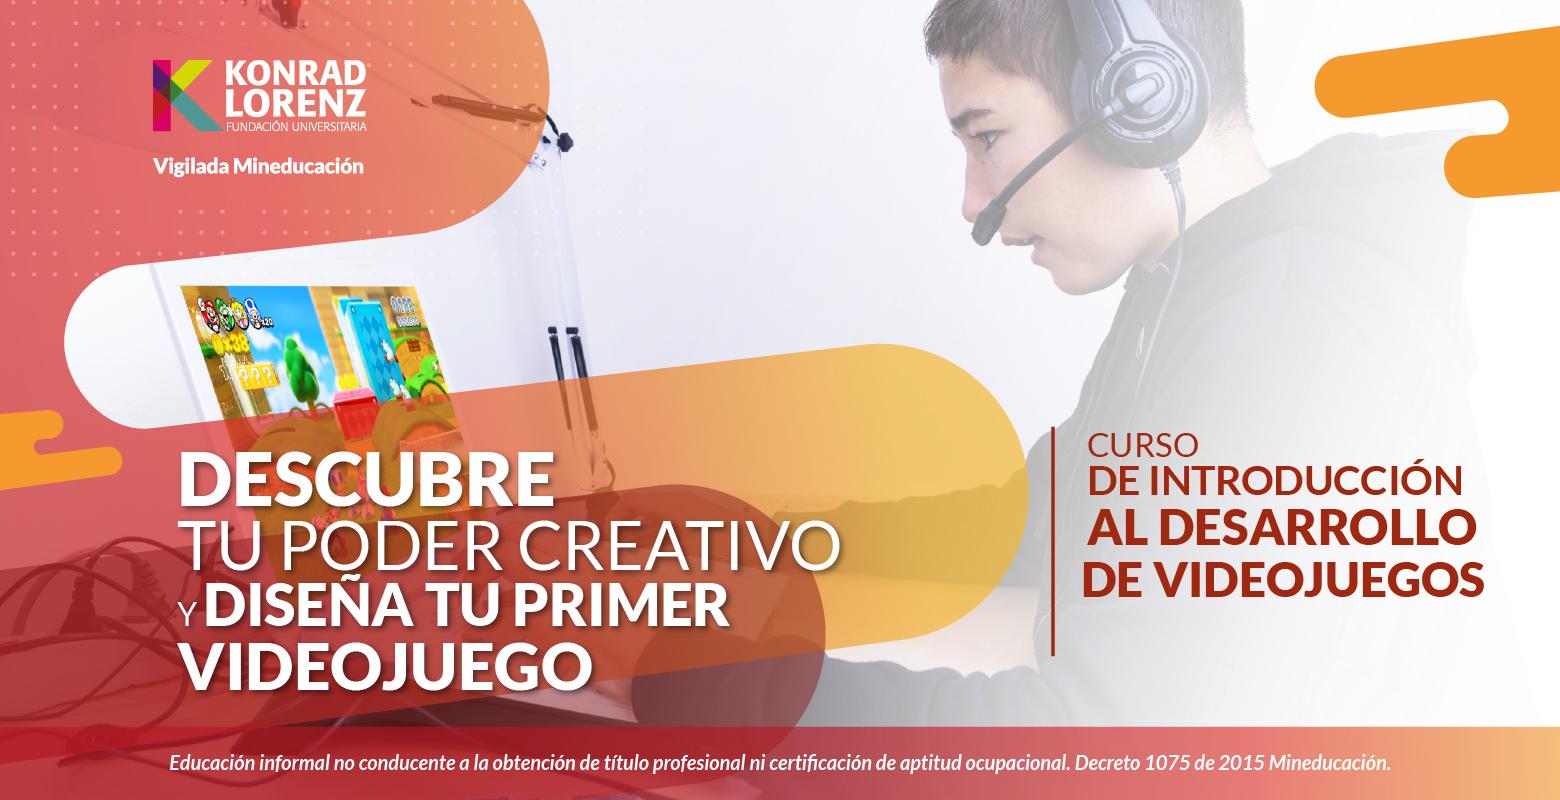 Curso de Introducción al Desarrollo de Videojuegos